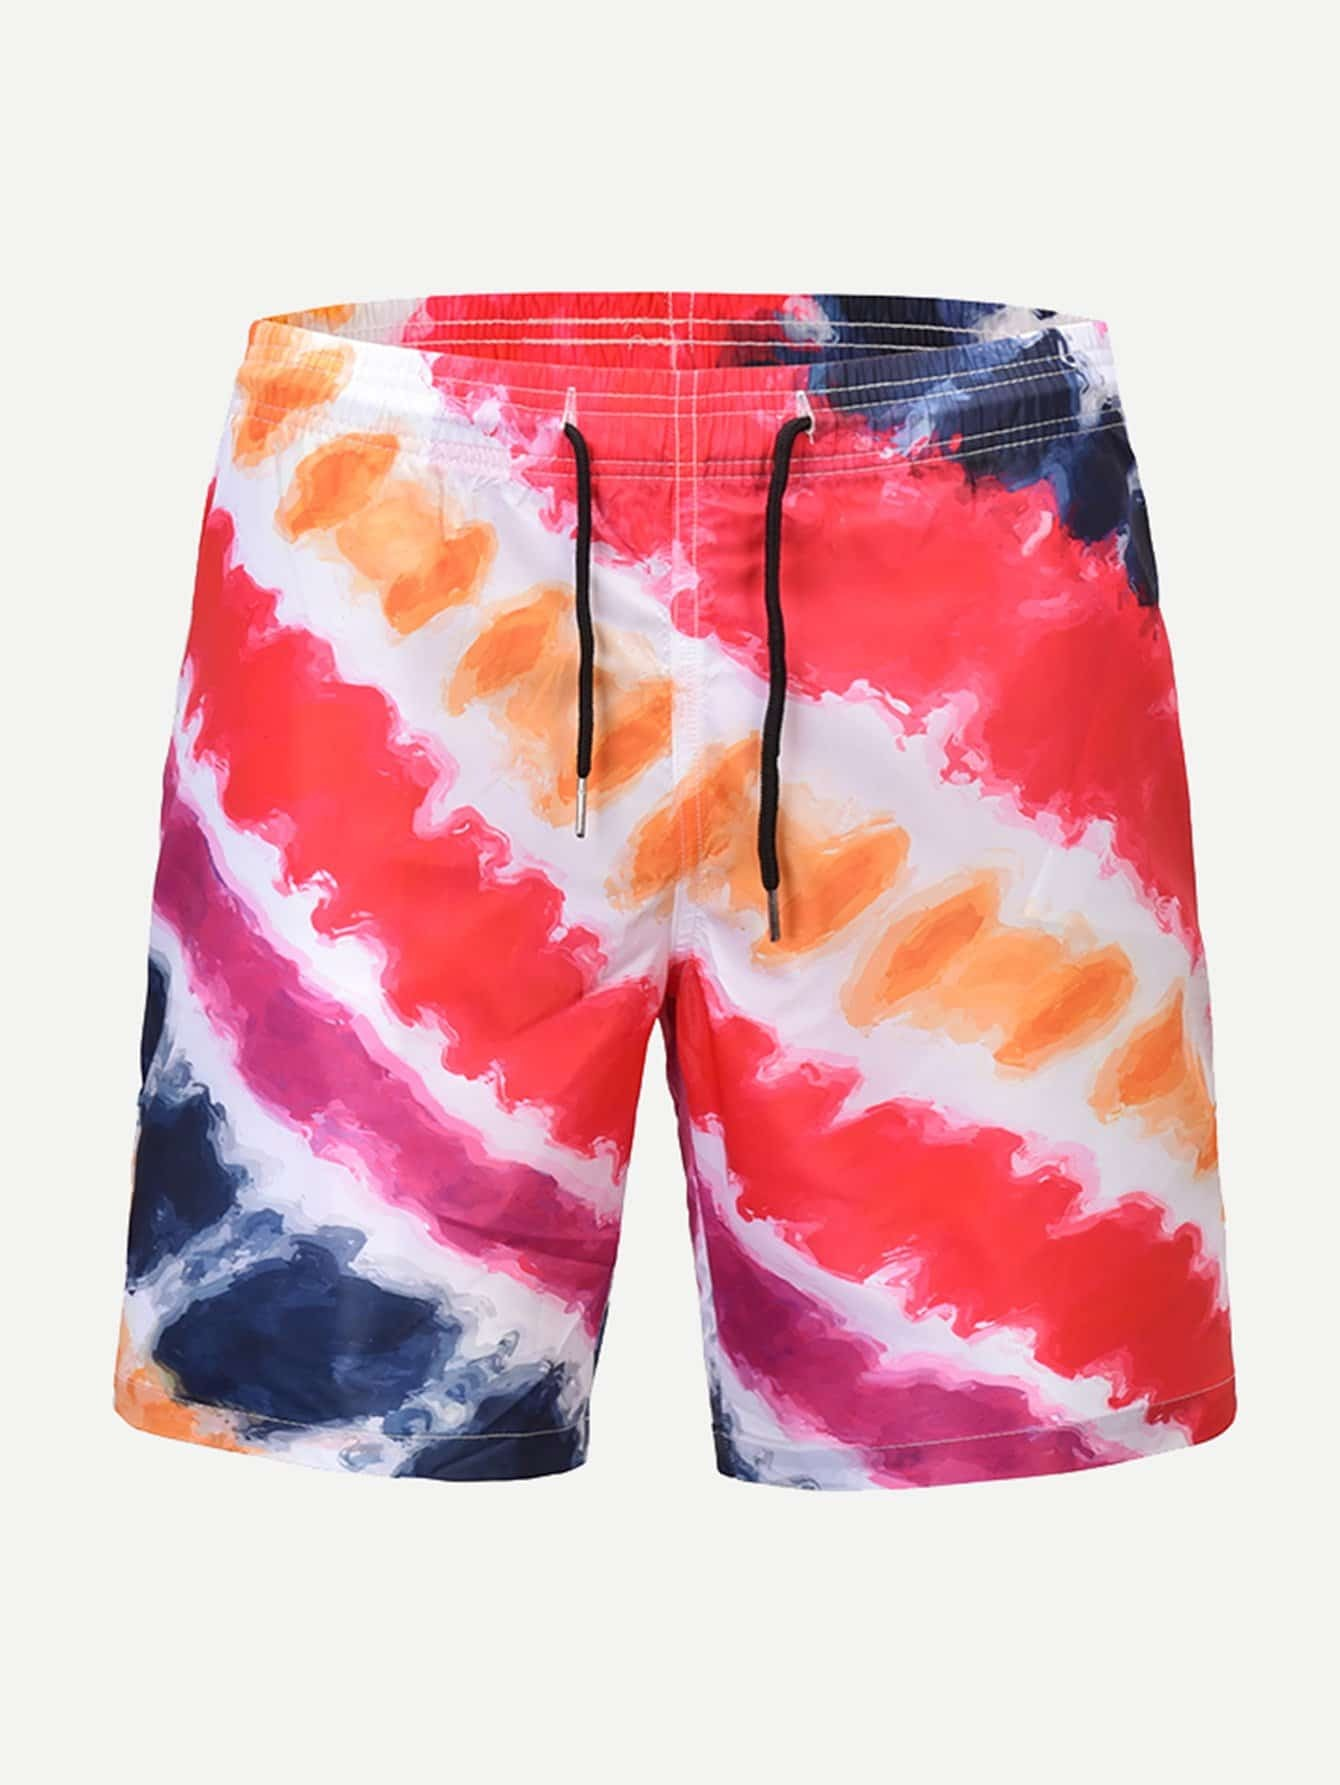 Men Tie Dye Striped Drawstring Beach Shorts men colorful striped drawstring shorts